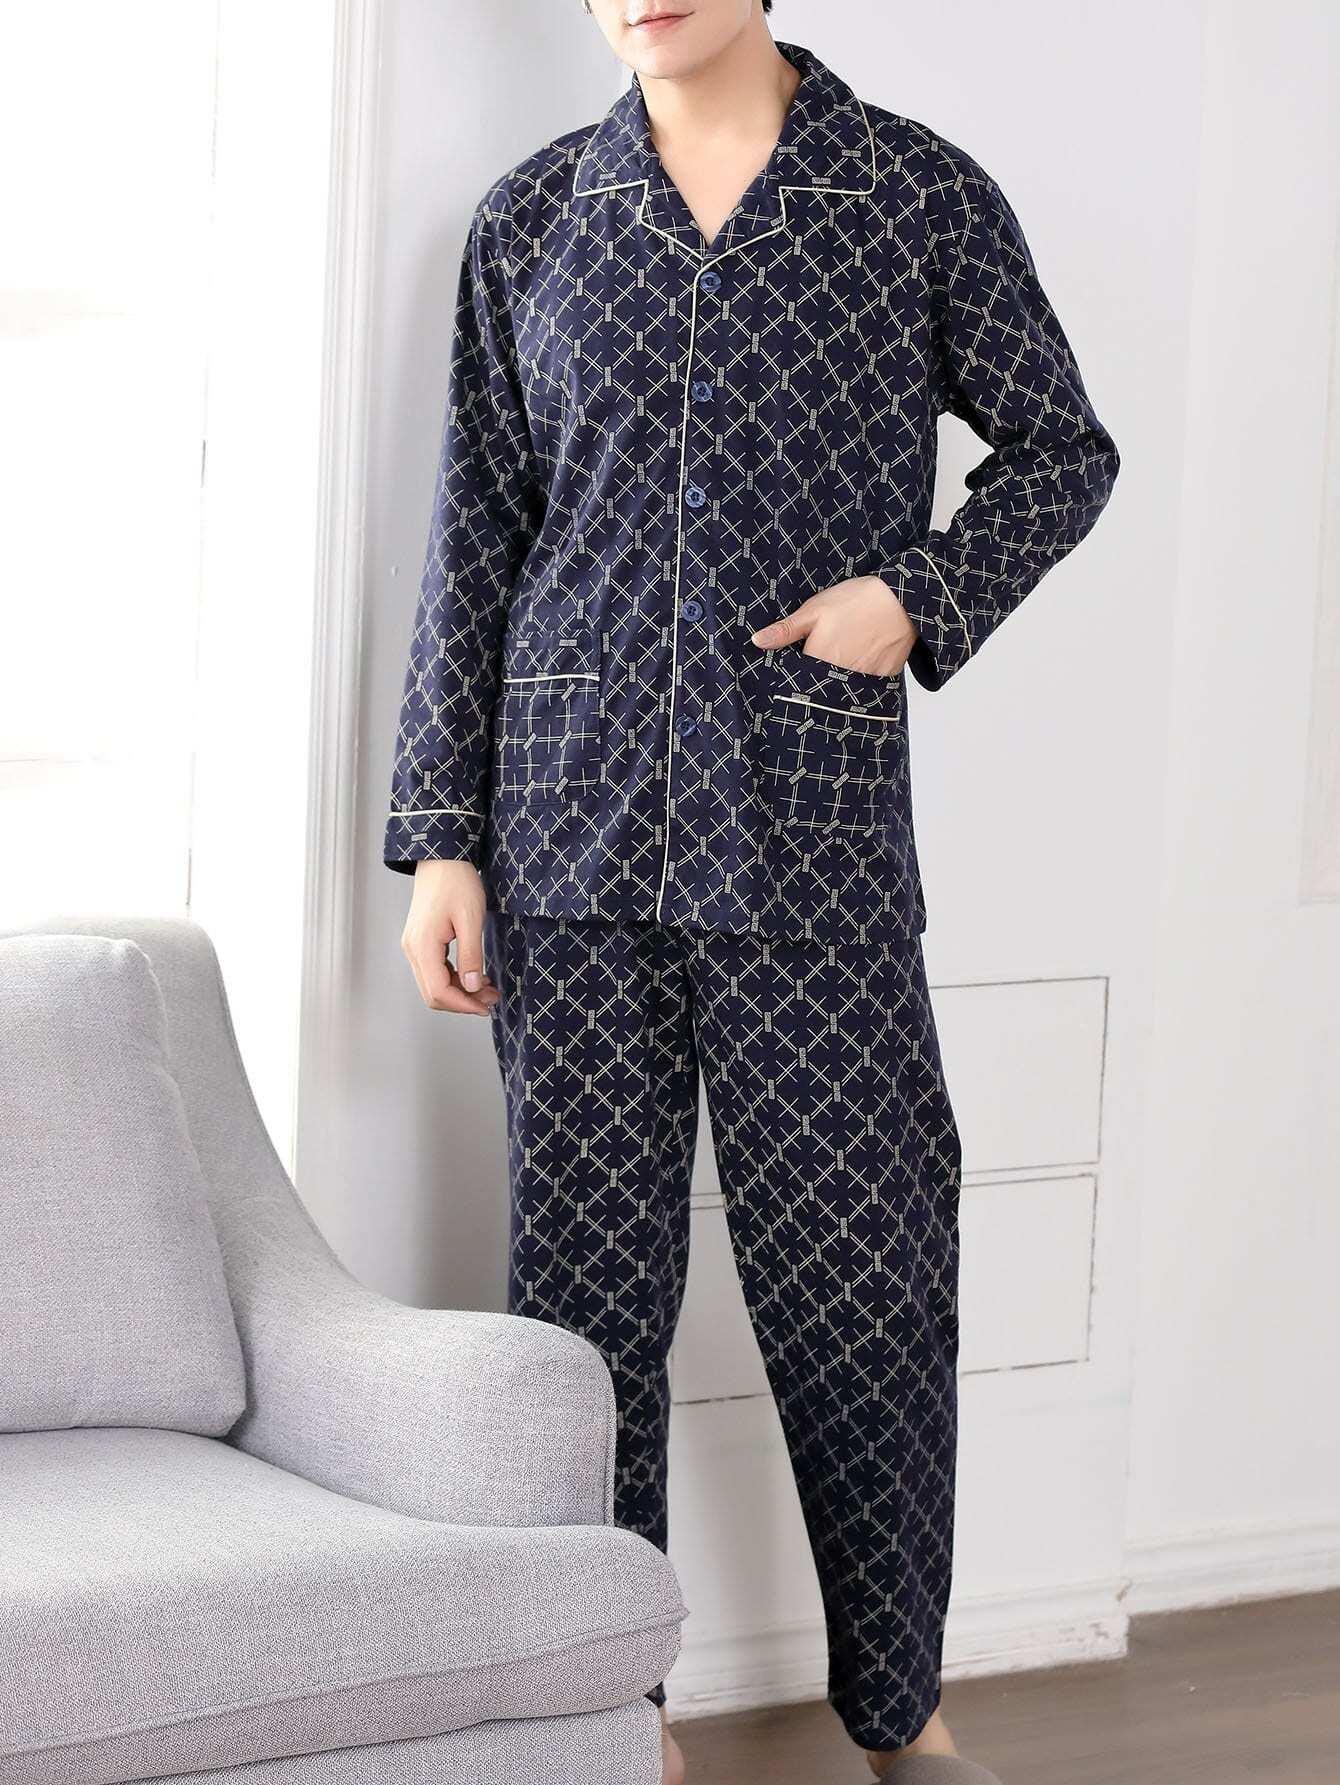 Купить Комплект пижамы с рисунками геометрических фигур и с украшением пуговицы для мужчины, null, SheIn